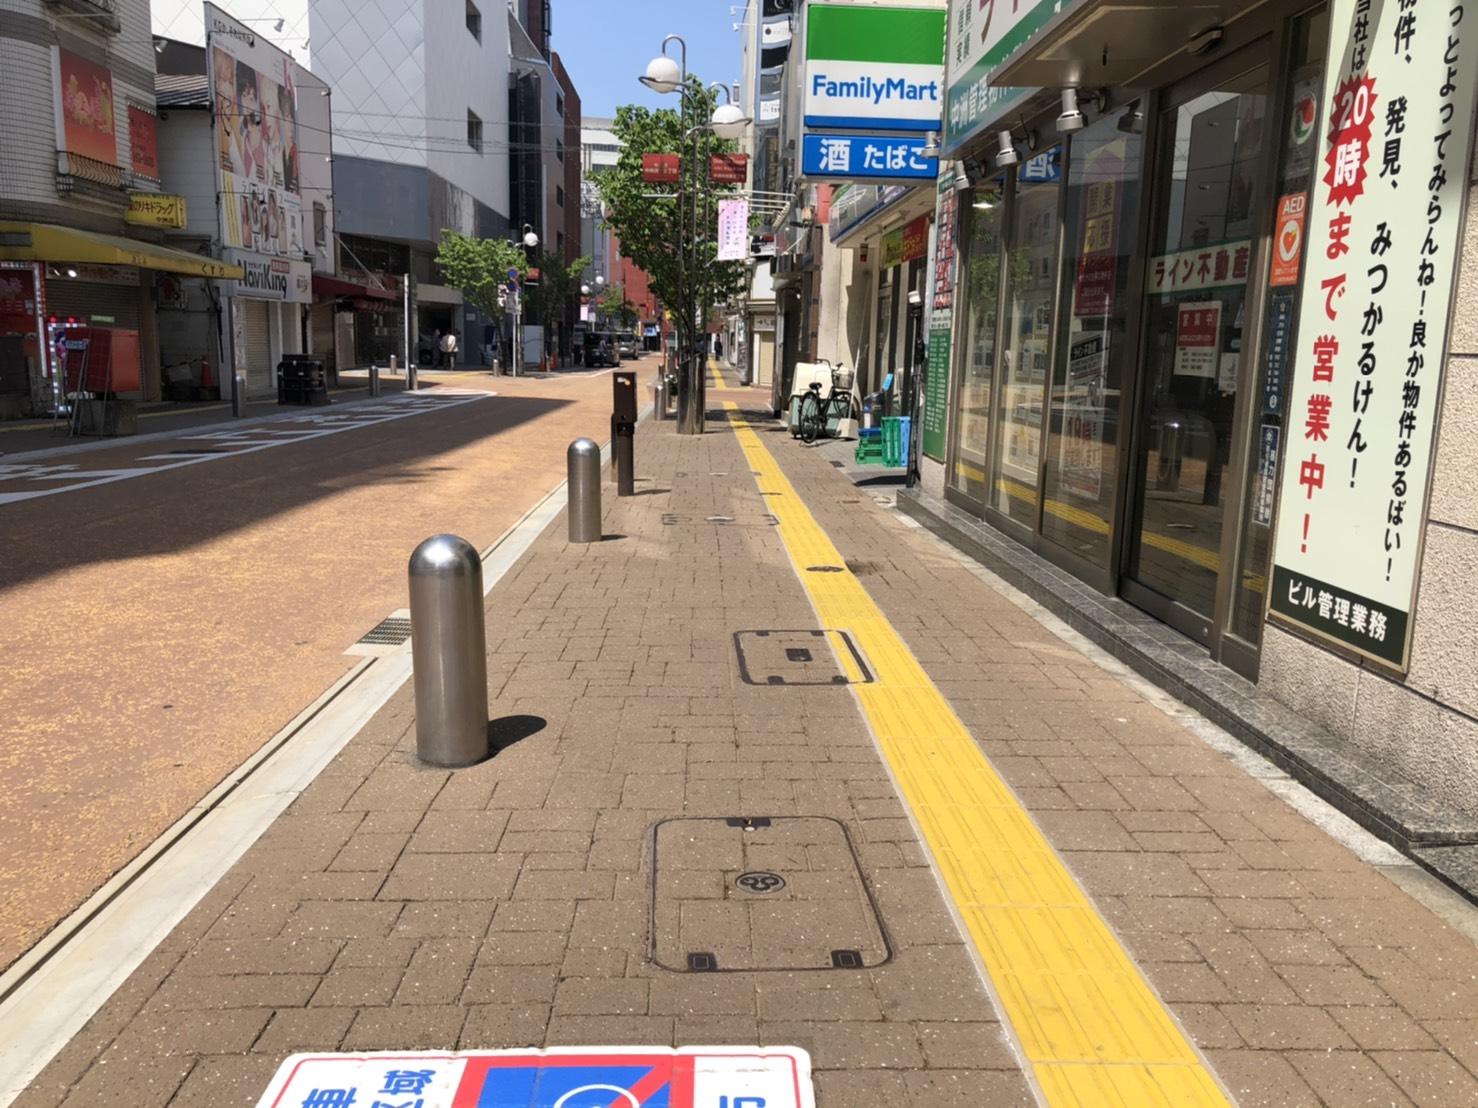 ストリートプリント streetprint アスファルト型押し再加熱工法 型押しアスファルト 景観工法 ストリートボンド streetbond 水性アクリルエポキシ強化樹脂 アシュラースレート